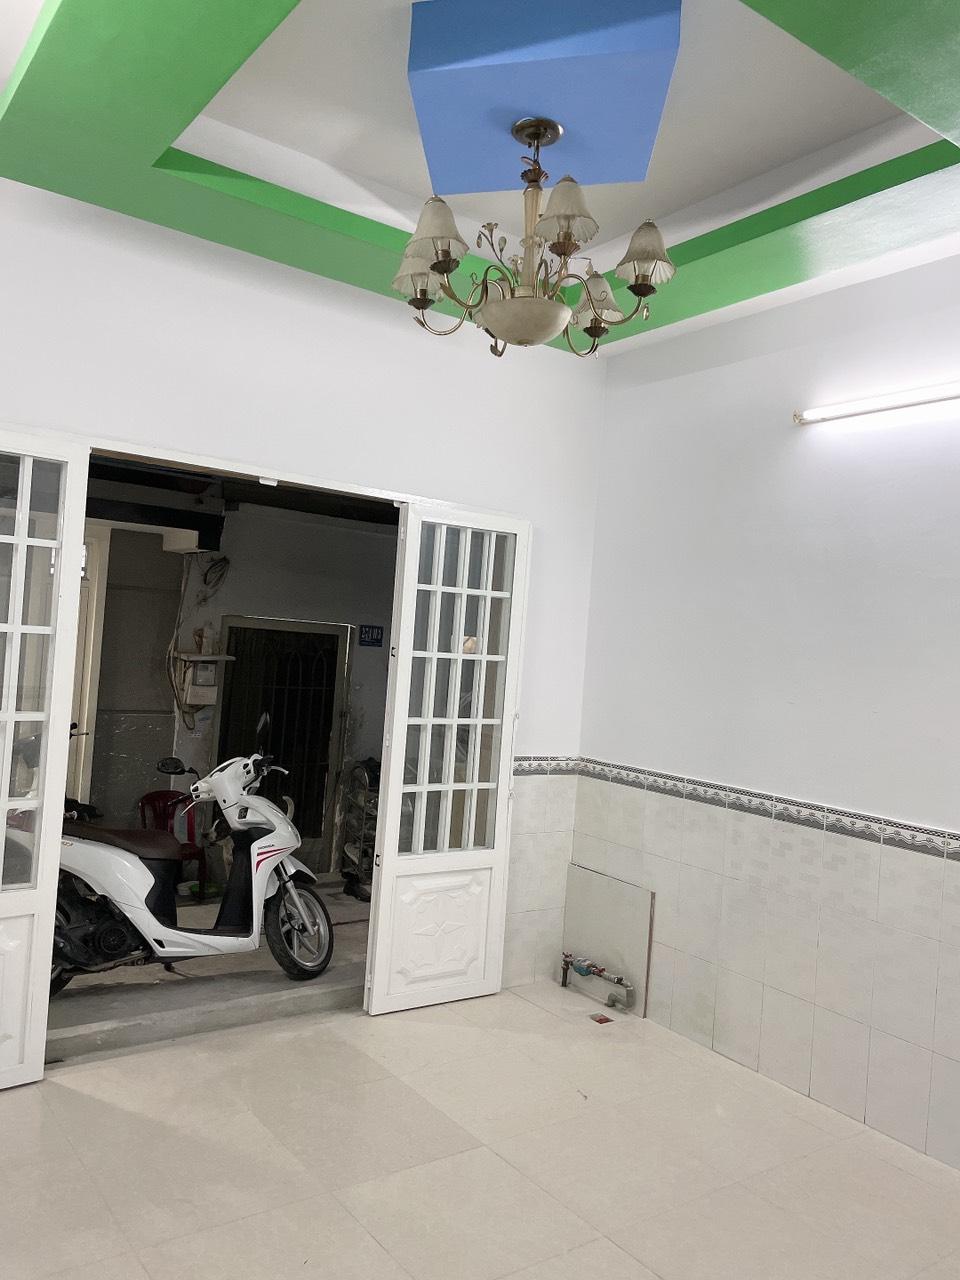 Bán nhà quận Bình Tân dưới 2 tỷ sổ hồng riêng đường số 5 Bình Hưng Hòa A